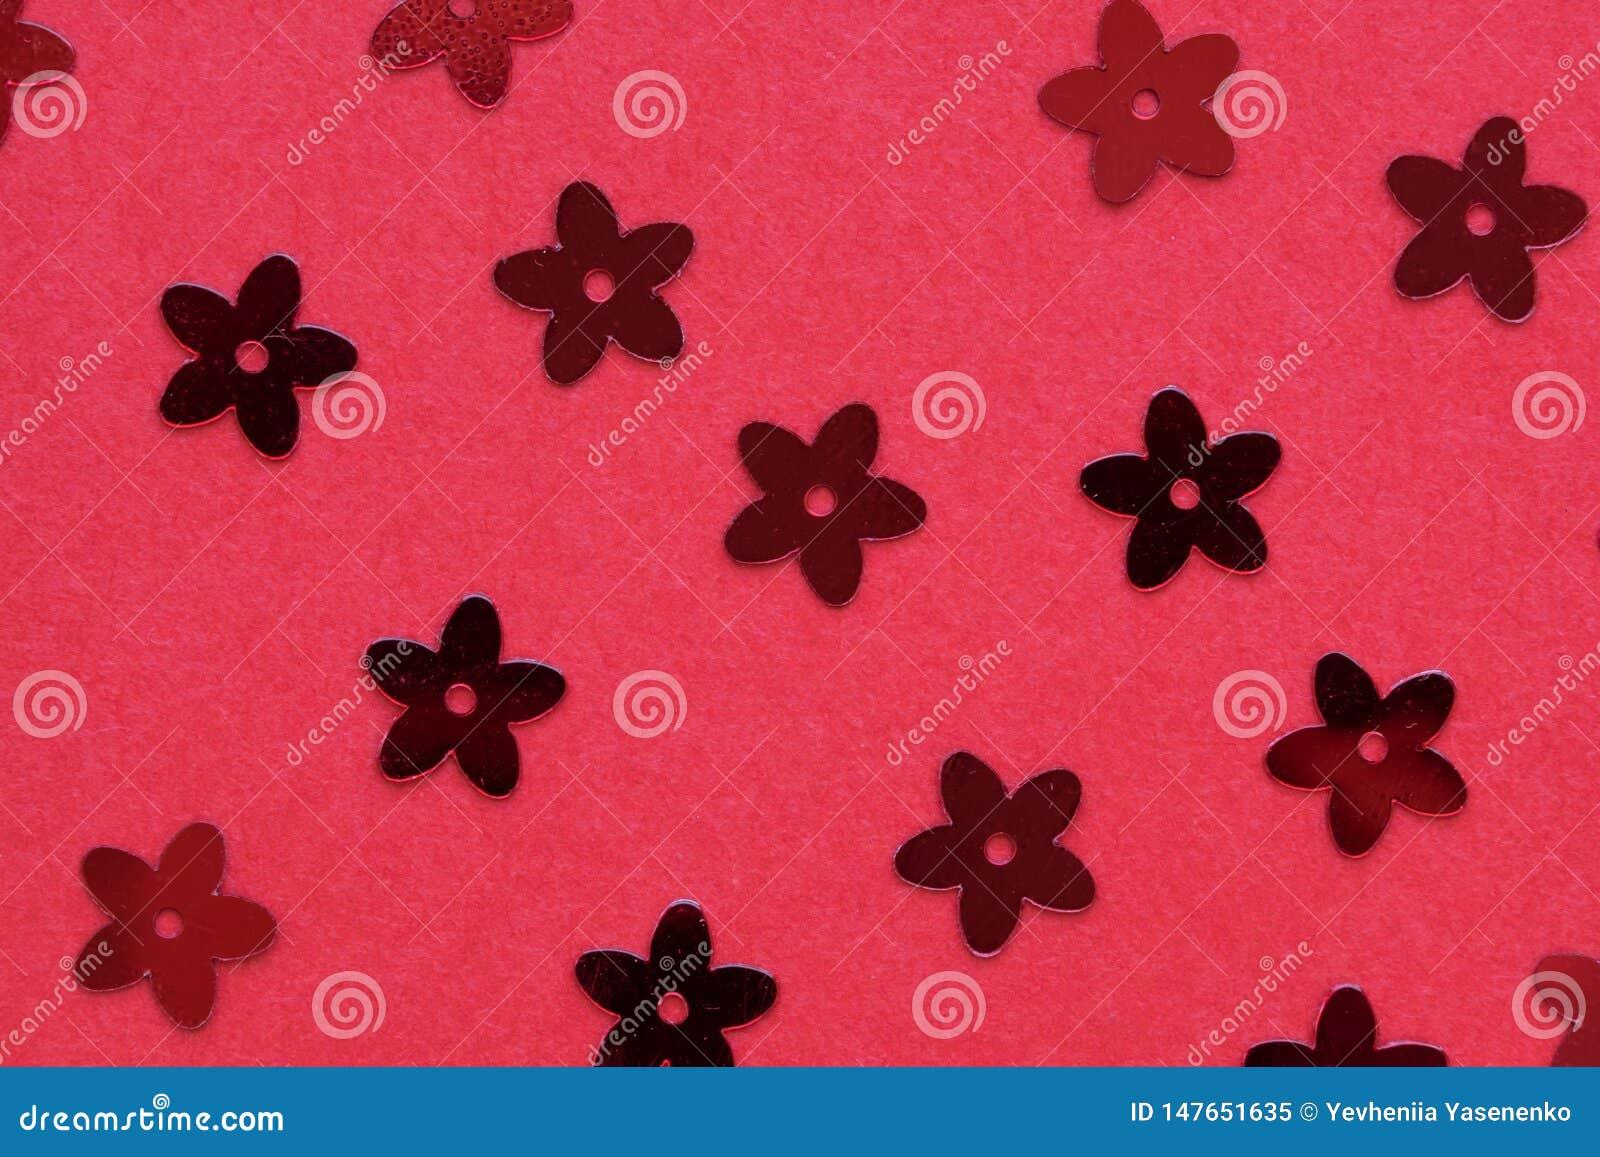 Czerwone palety w postaci kwiatów na czerwonym tle